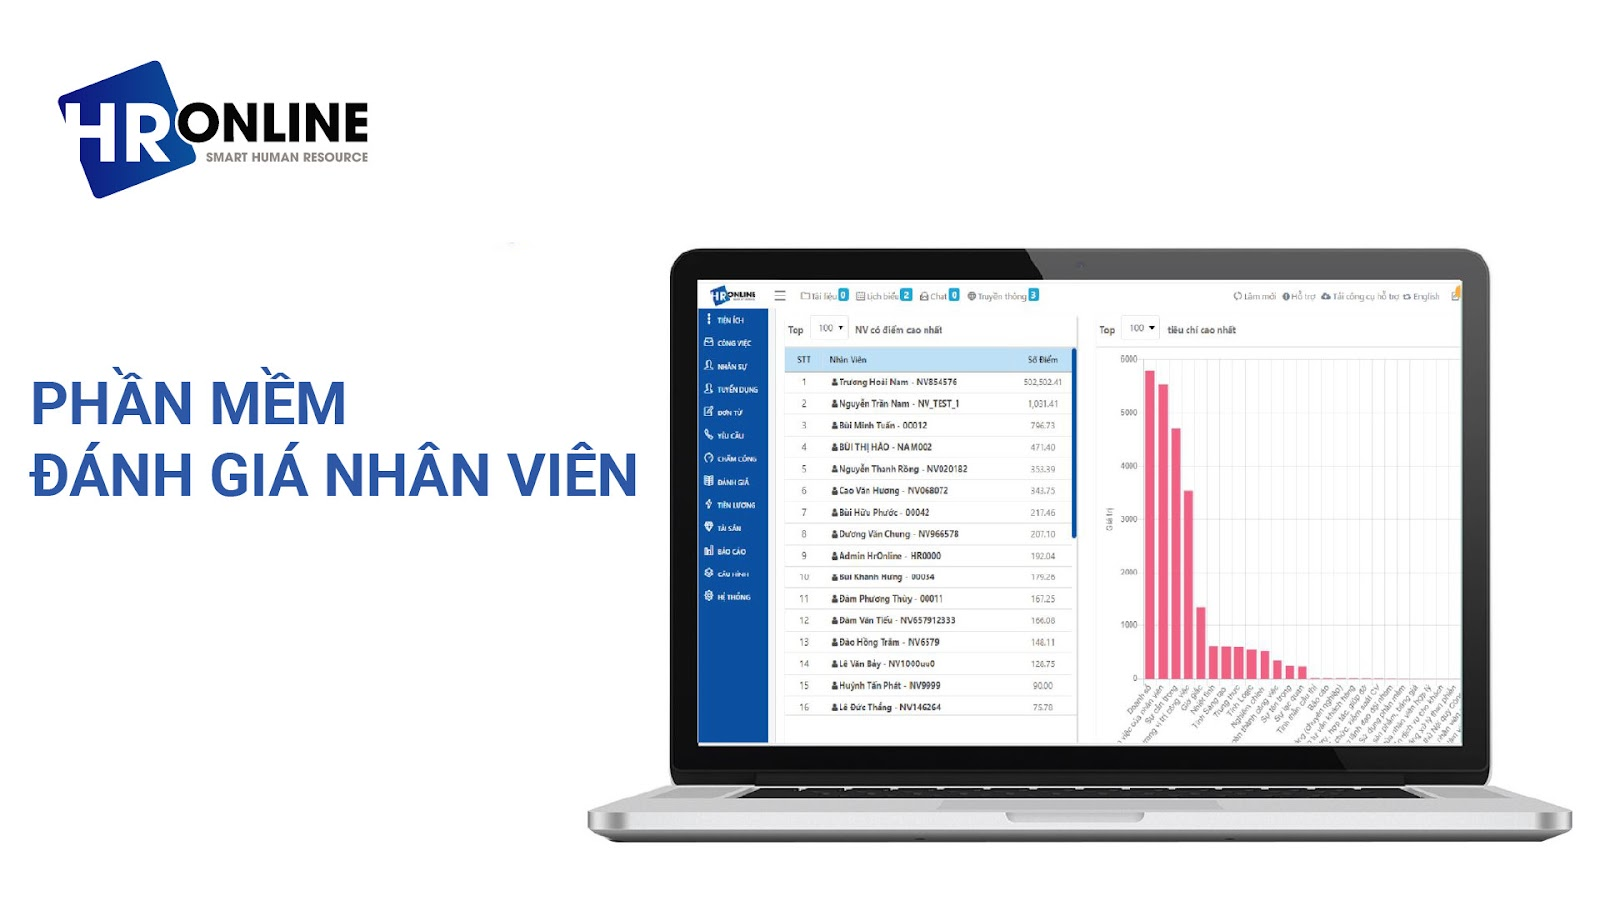 Phần mềm quản lý đánh giá nhân viên HrOnline